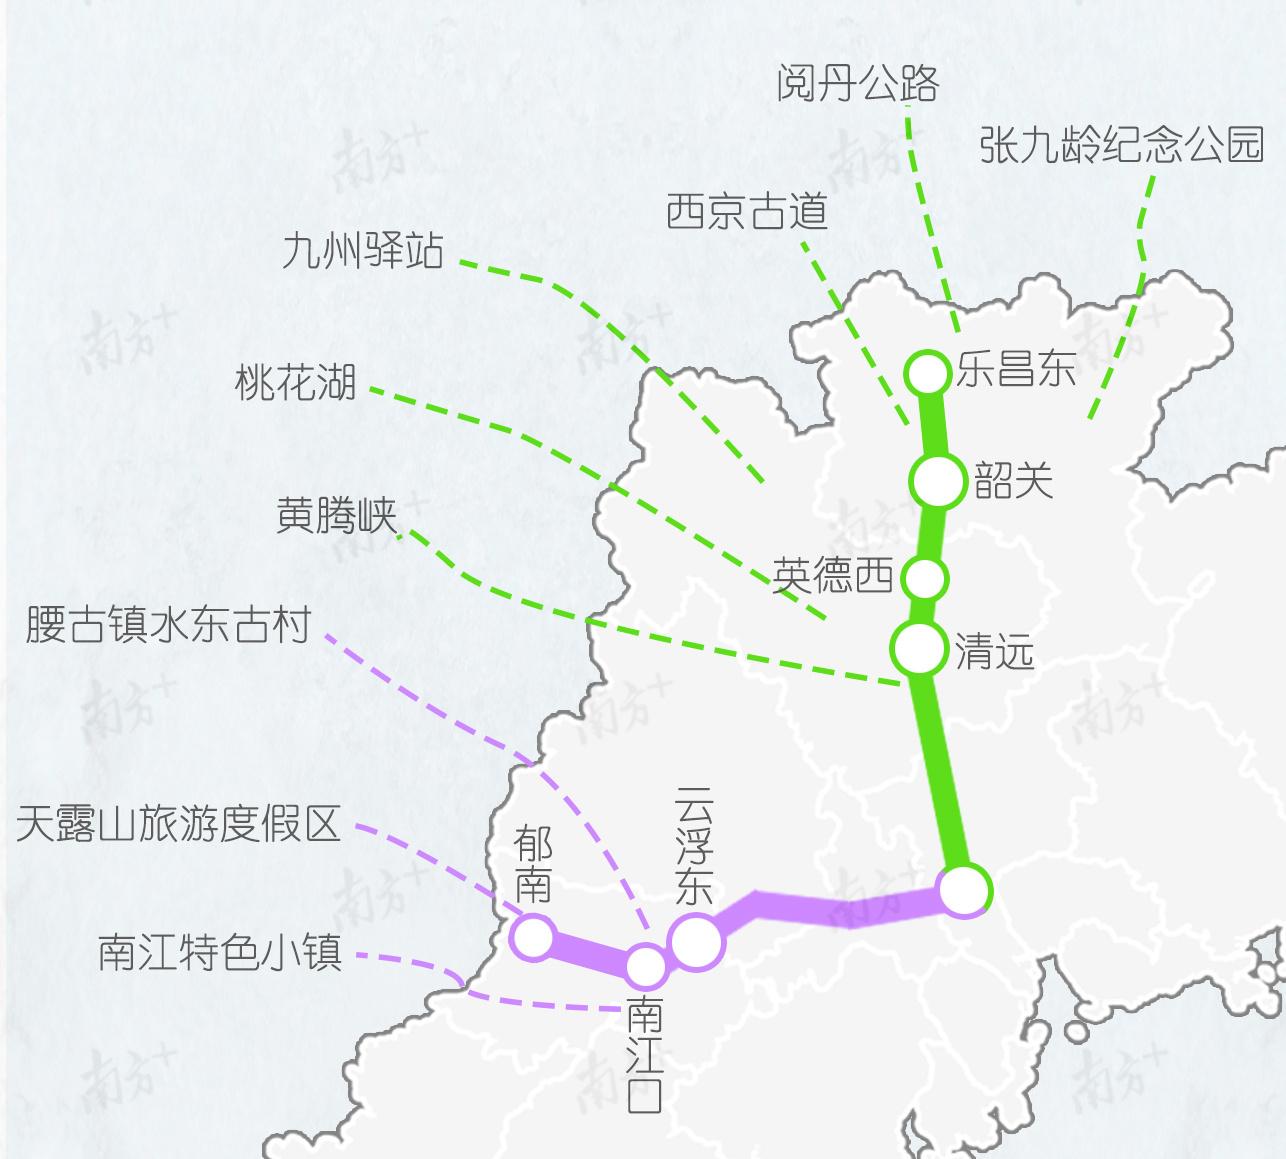 南方+ 刘晓维 制图